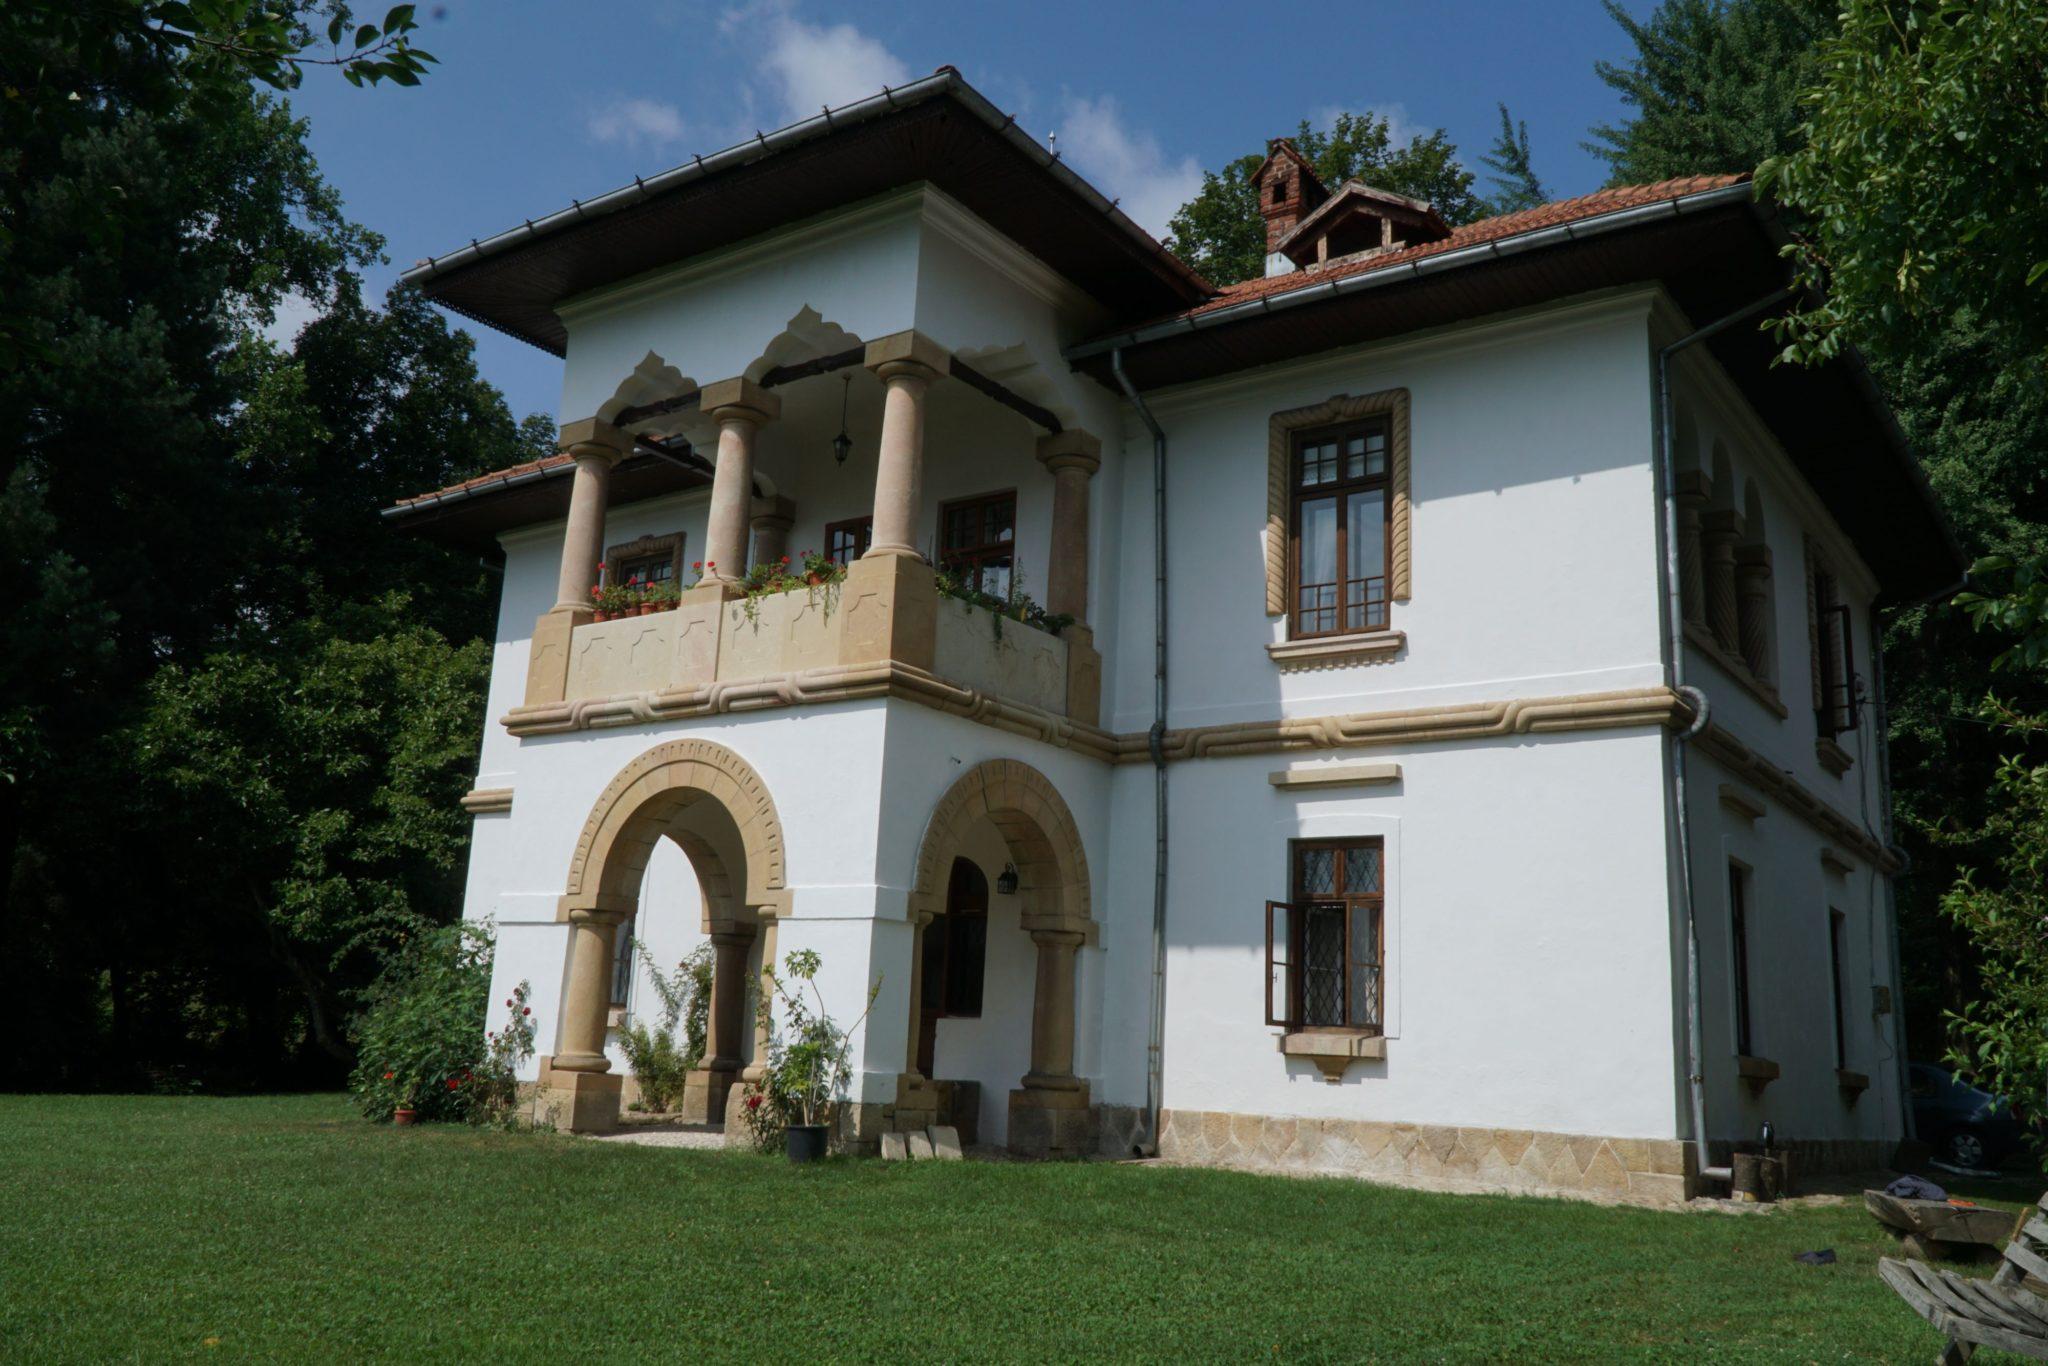 Goelescu landscape observatory